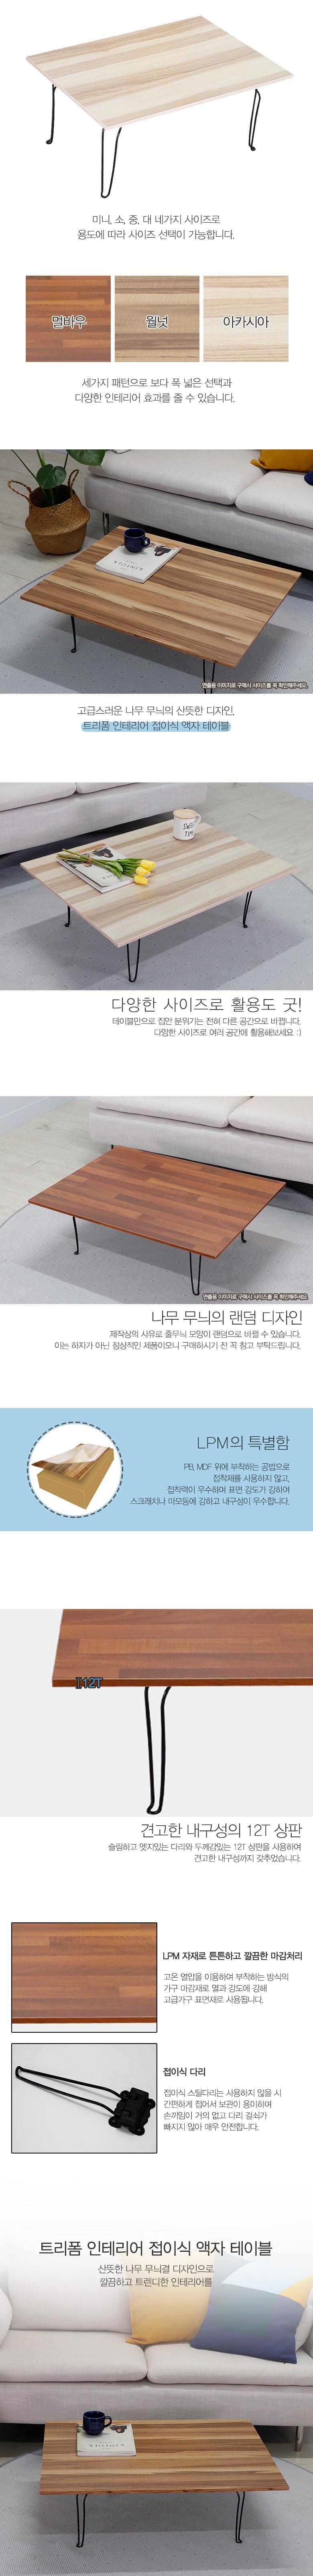 트리폼 인테리어 접이식 액자 테이블(미니) - 채우리, 29,000원, 거실 테이블, 소파테이블